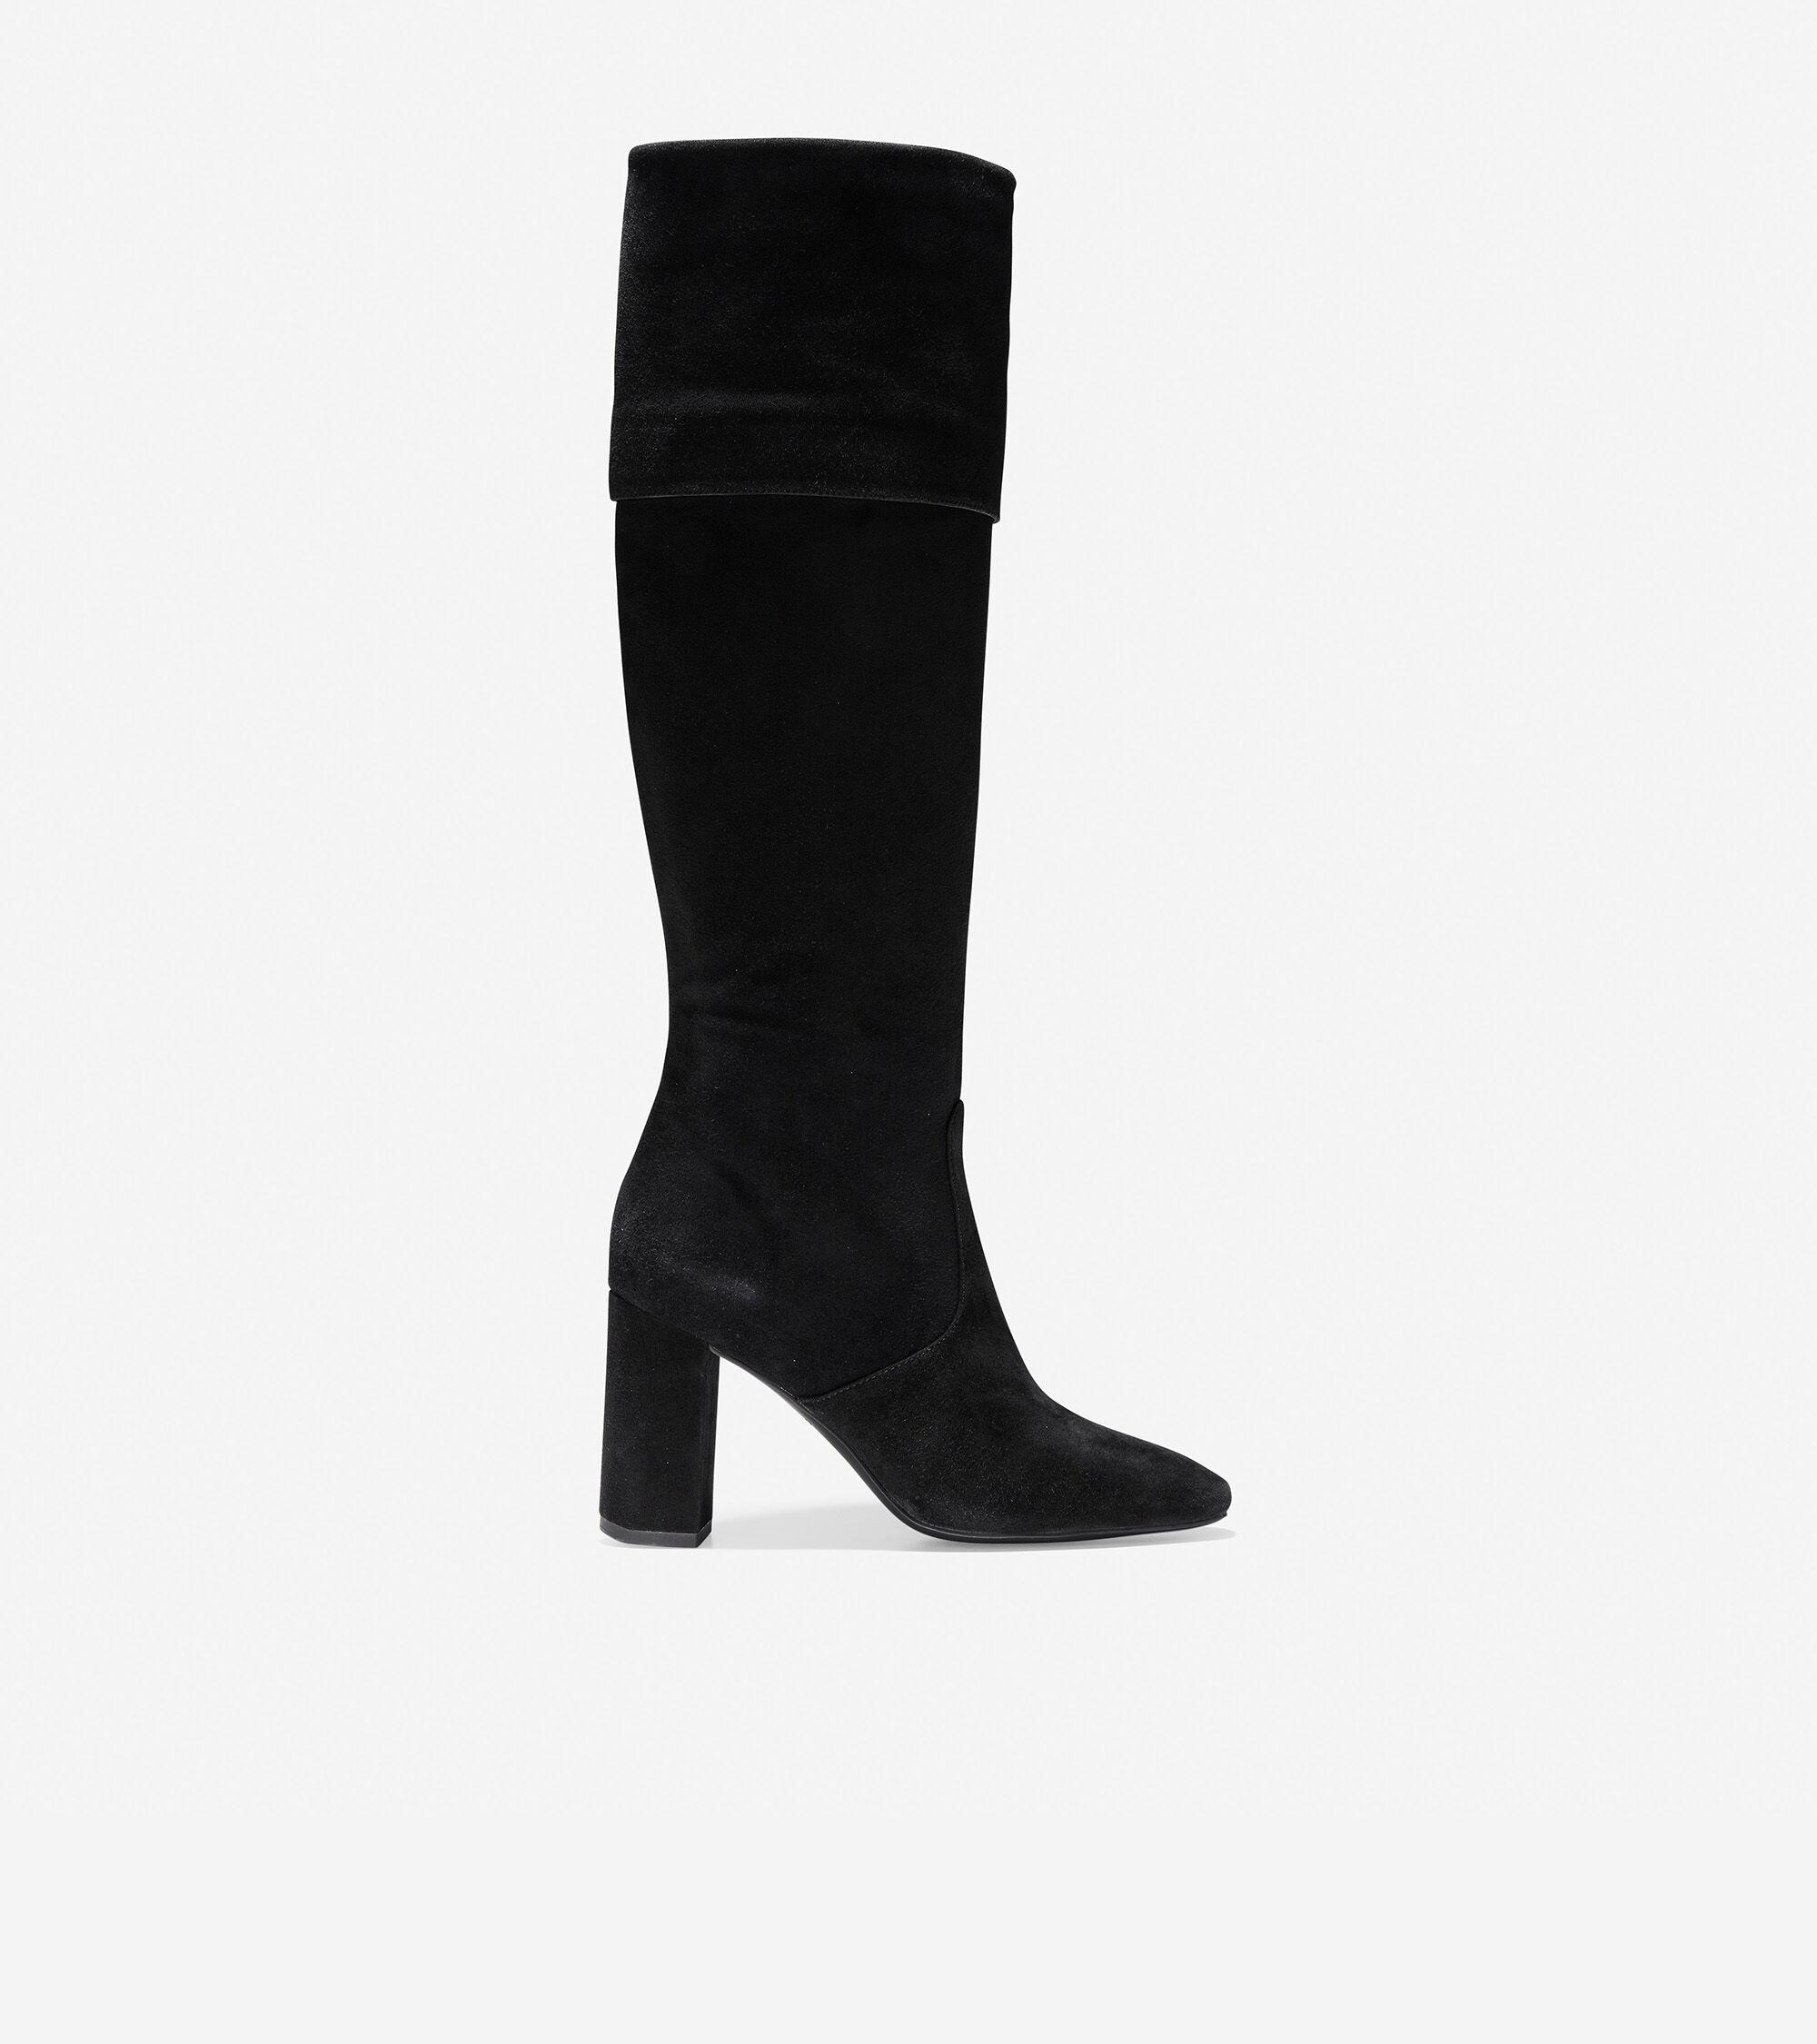 de8b69cdda6728 Women s Tess Cuff Boots (85mm) in Black Suede